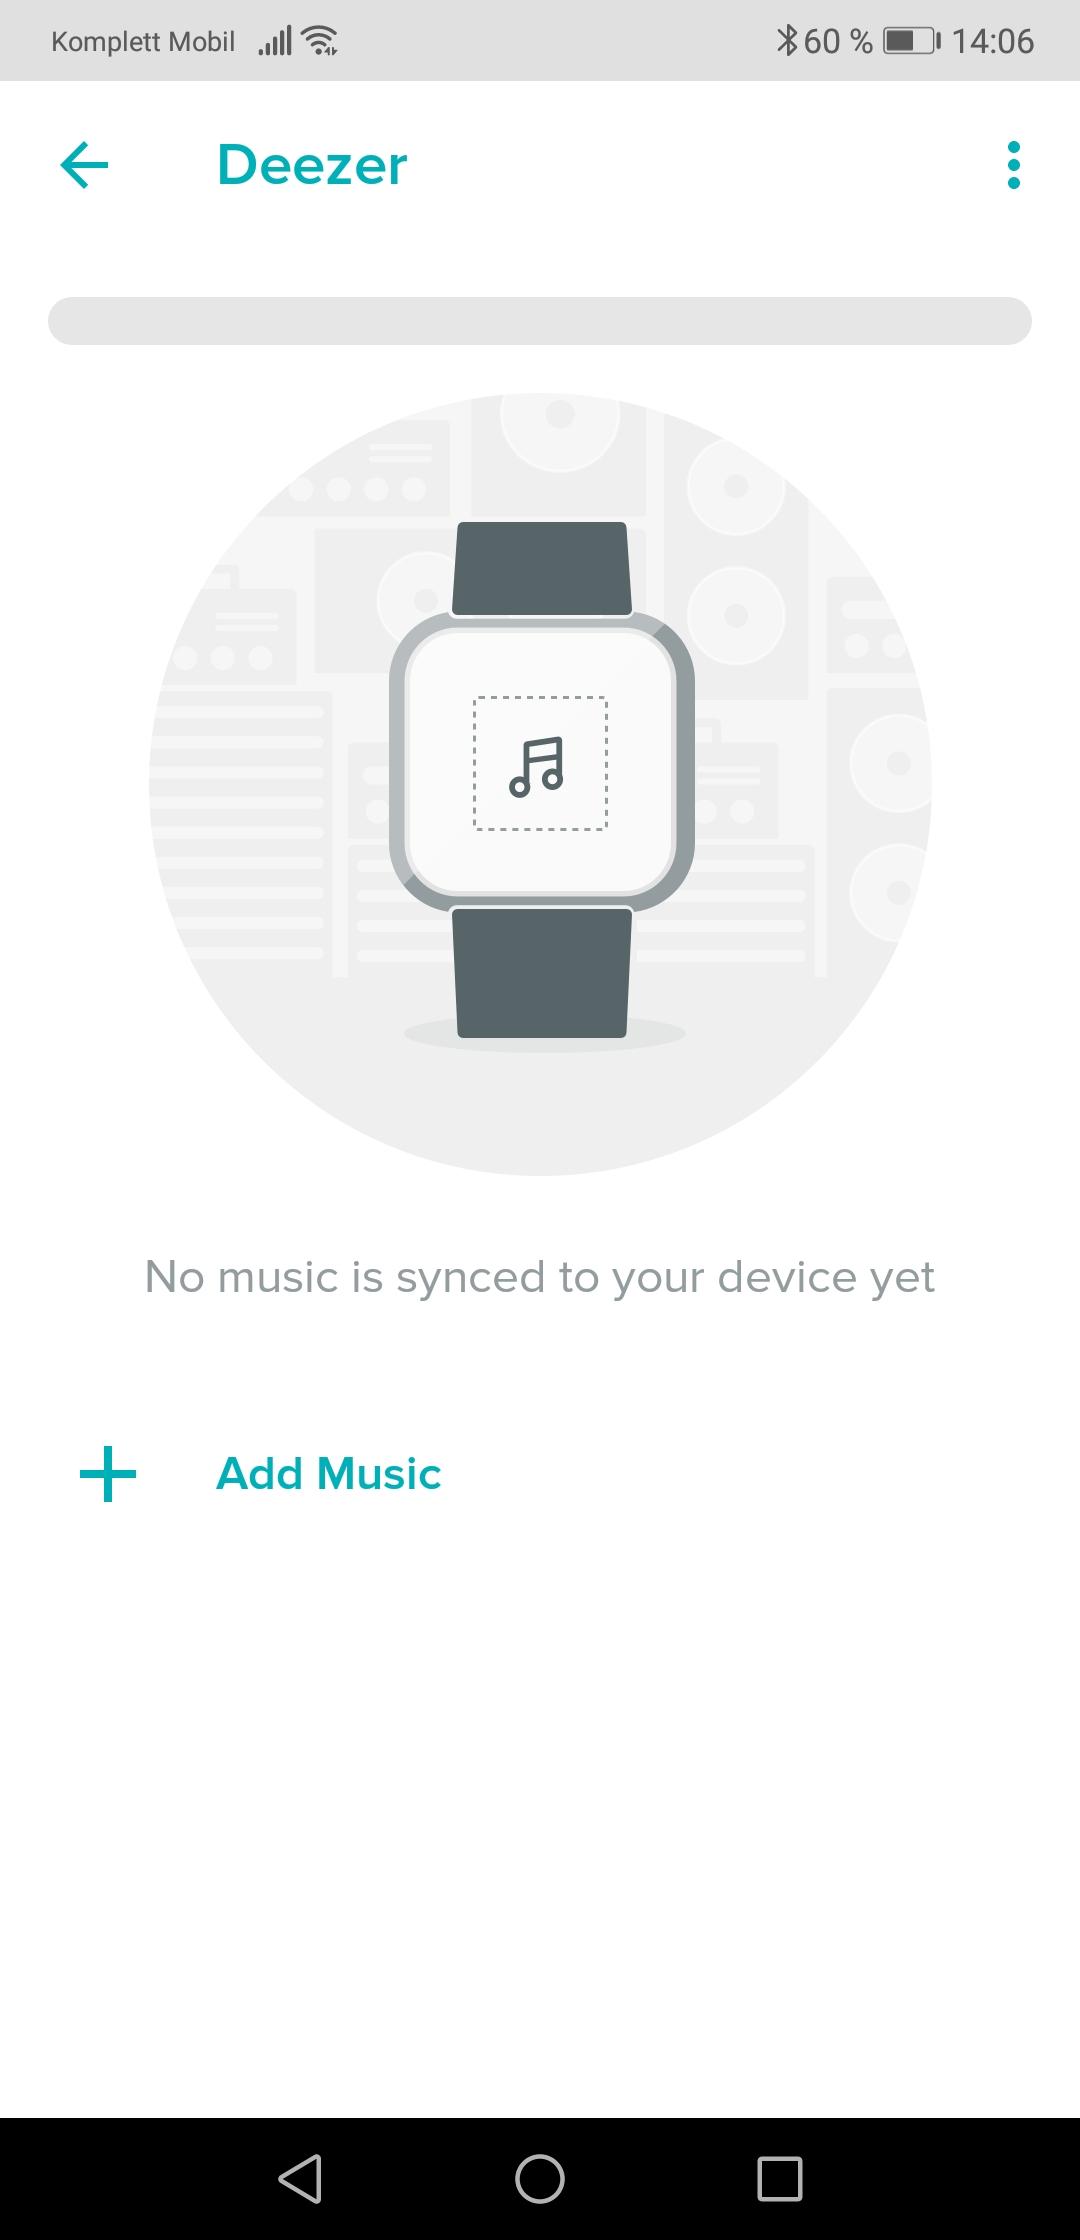 Det er enkelt å legge til musikk.